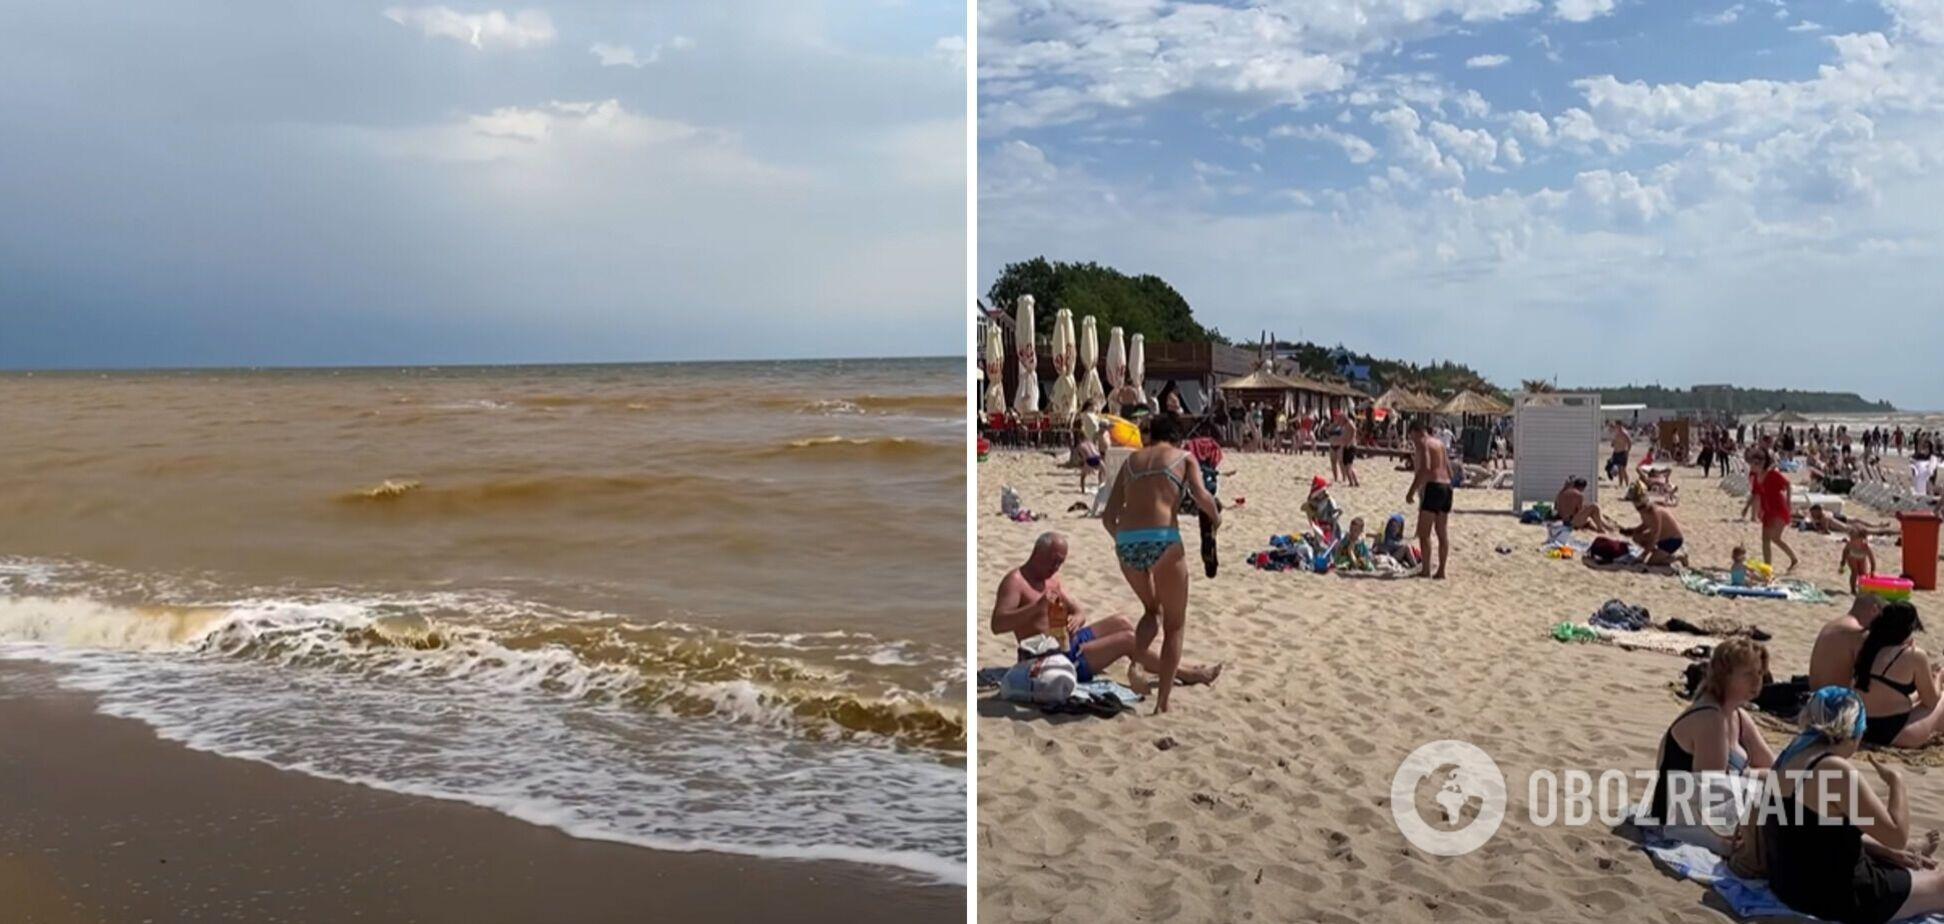 Вода руда, але пляжі забиті: турист розповів про бюджетний відпочинок на Азовському морі. Відео